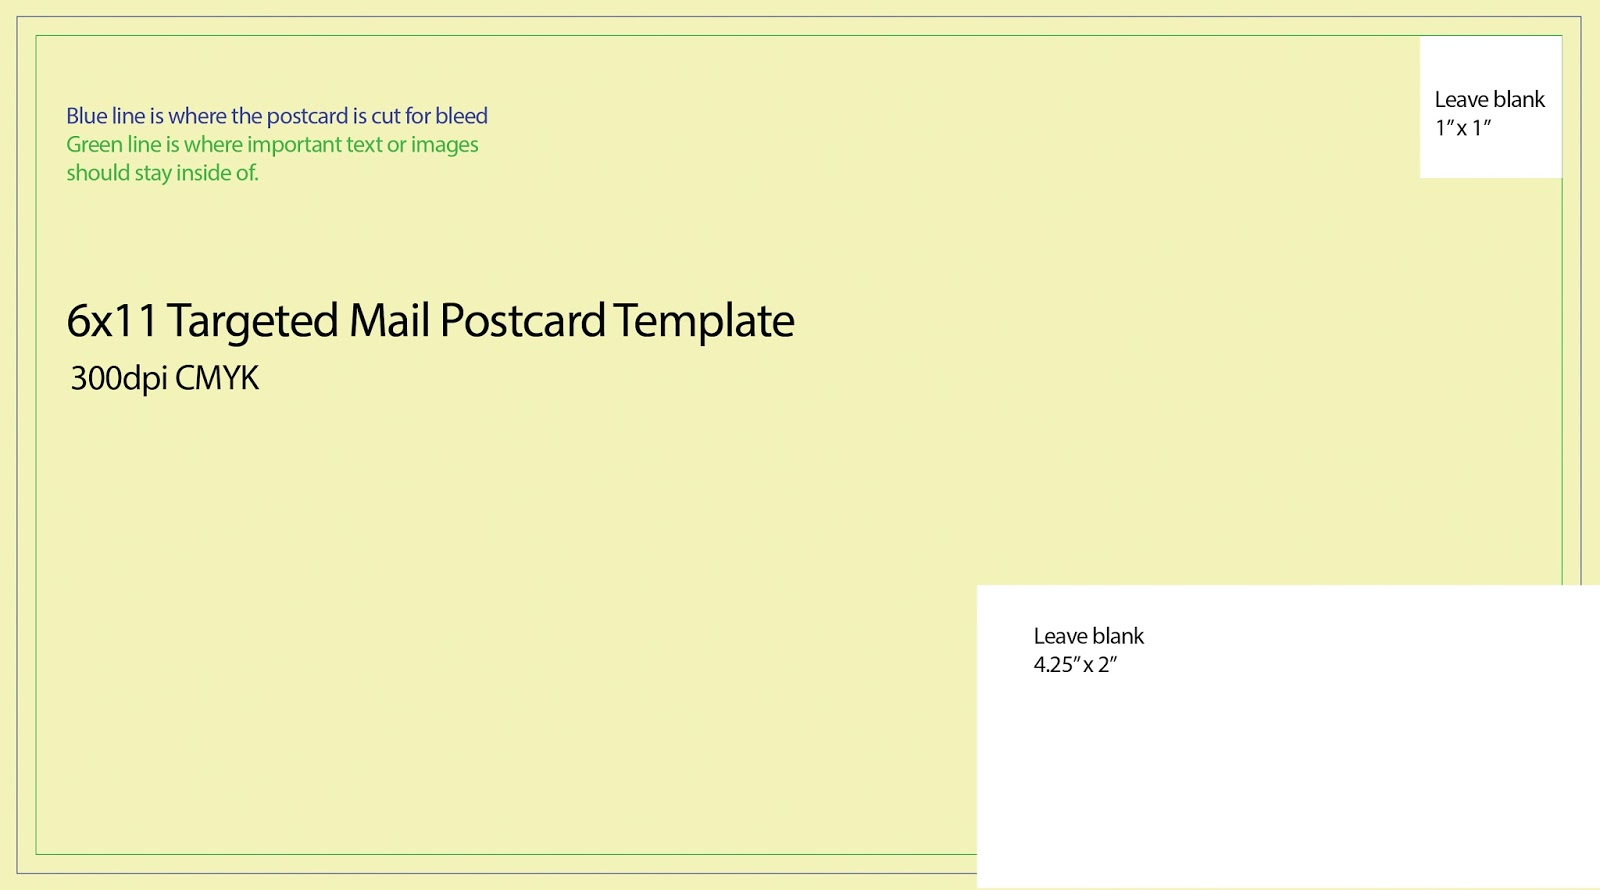 6x11 postcard template psd, usps 6x11 postcard, 6 x 4 postcard template, back of postcard template, free blank postcard template, postcard design online, free 4 up postcard template, 6x11 postcard template, 6x11 postcard template usps, back of postcard layout, large postcard printing, 4x6 postcard template microsoft word, free printable postcard templates, 4x6 postcard template free, free blank postcard template download, free postcard template, back of postcard template, 4 x 6 blank template, 4x6 template free